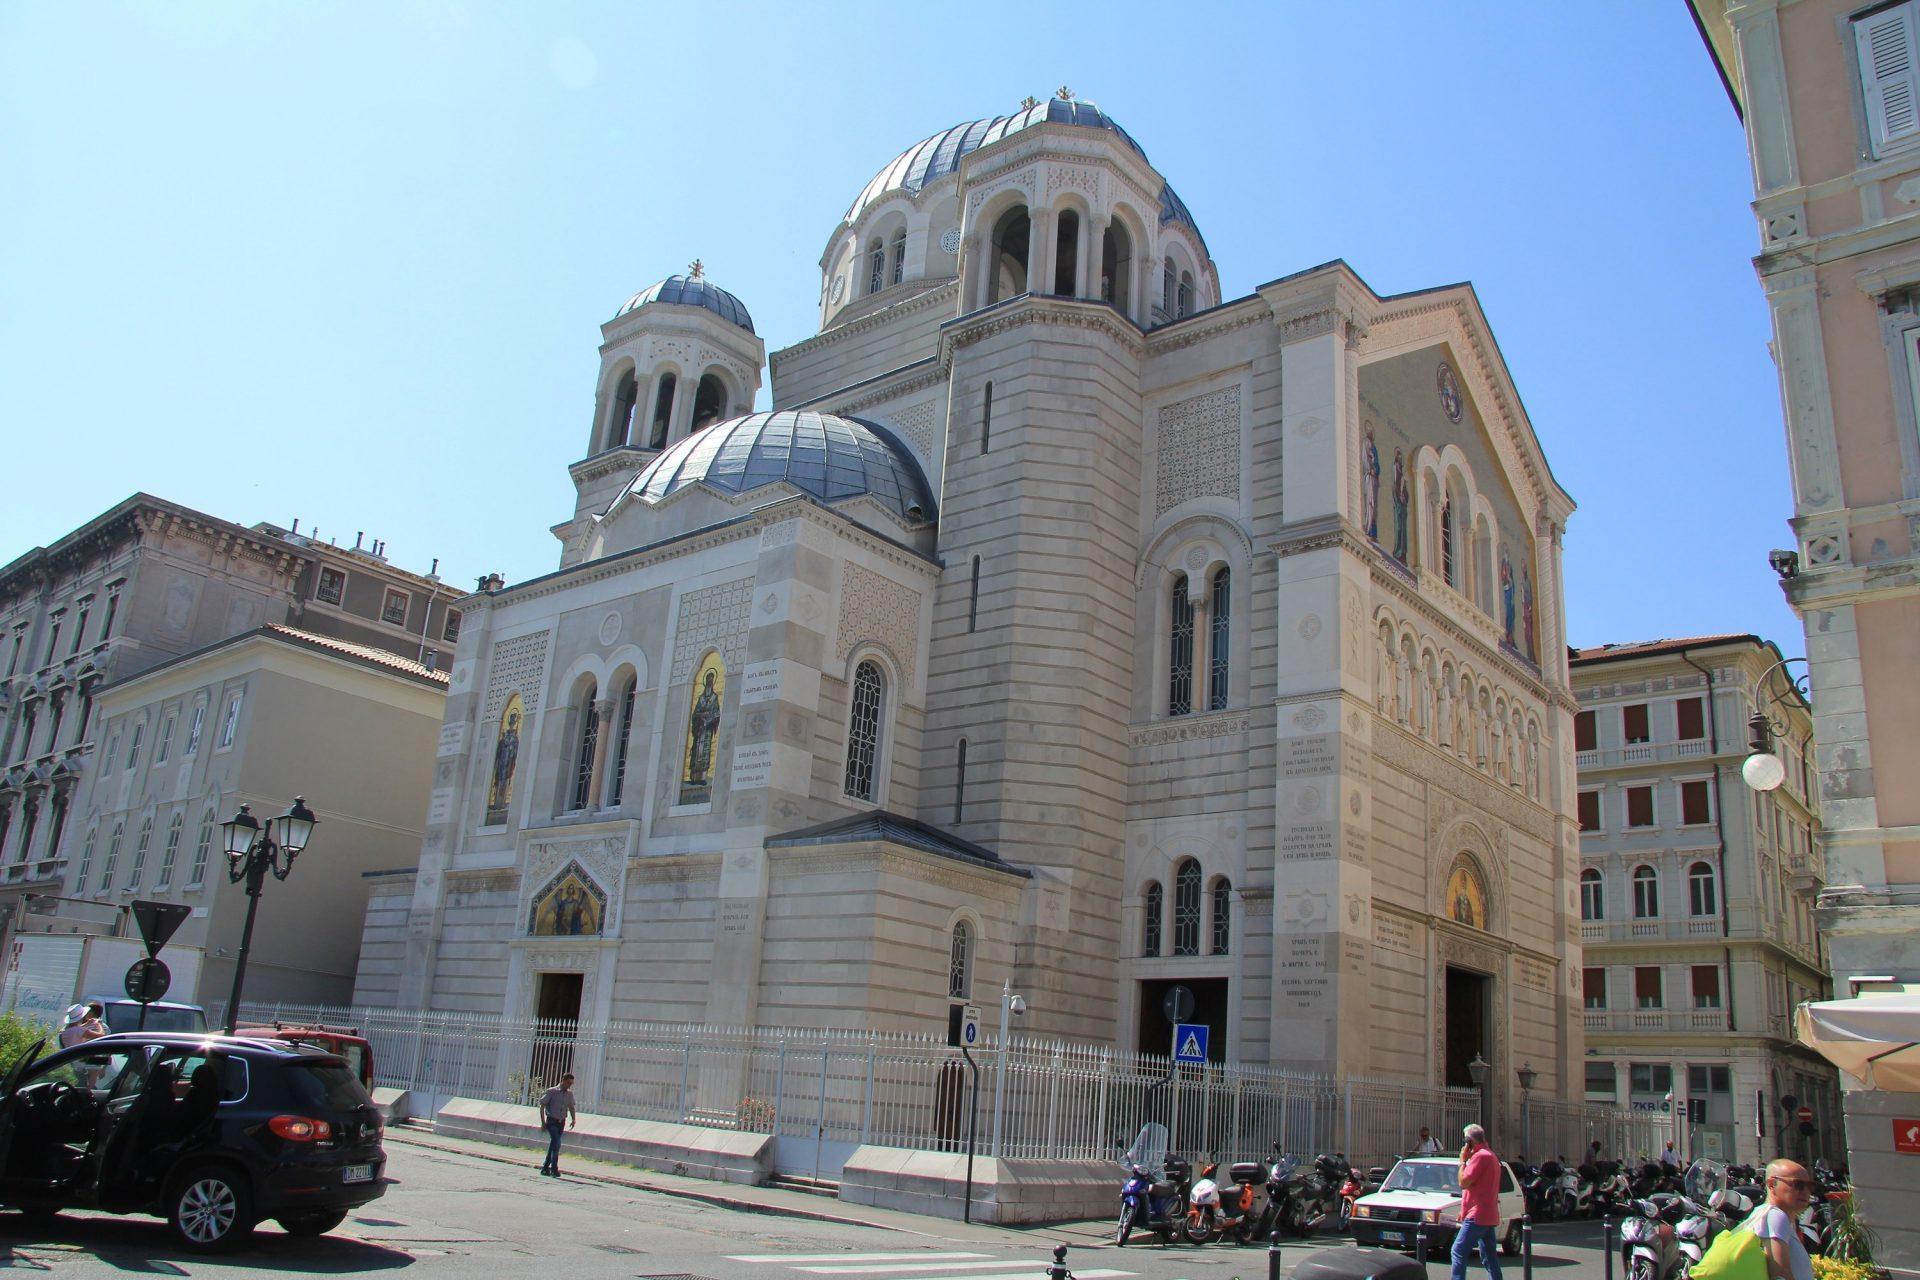 Церковь Святого Спиридона, Триест, Италия. Июнь, 2019